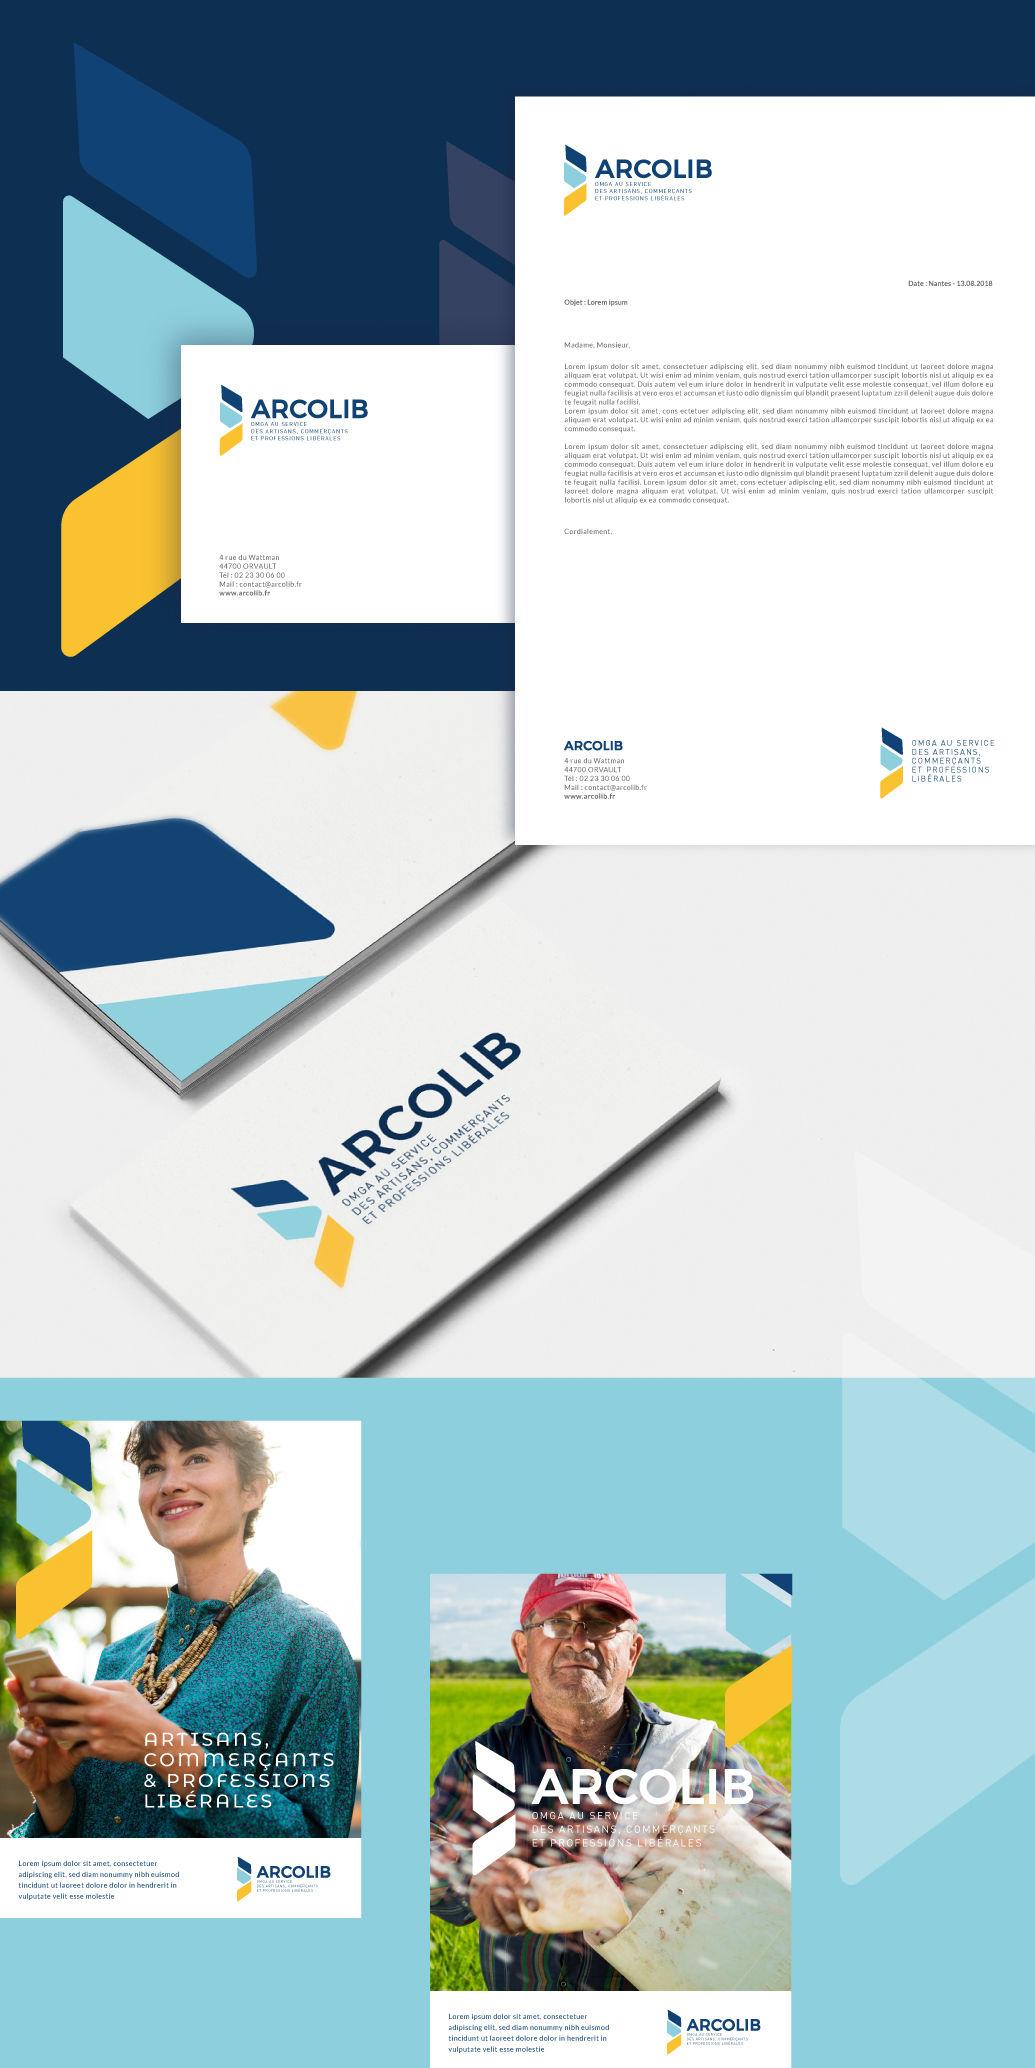 Arcolib